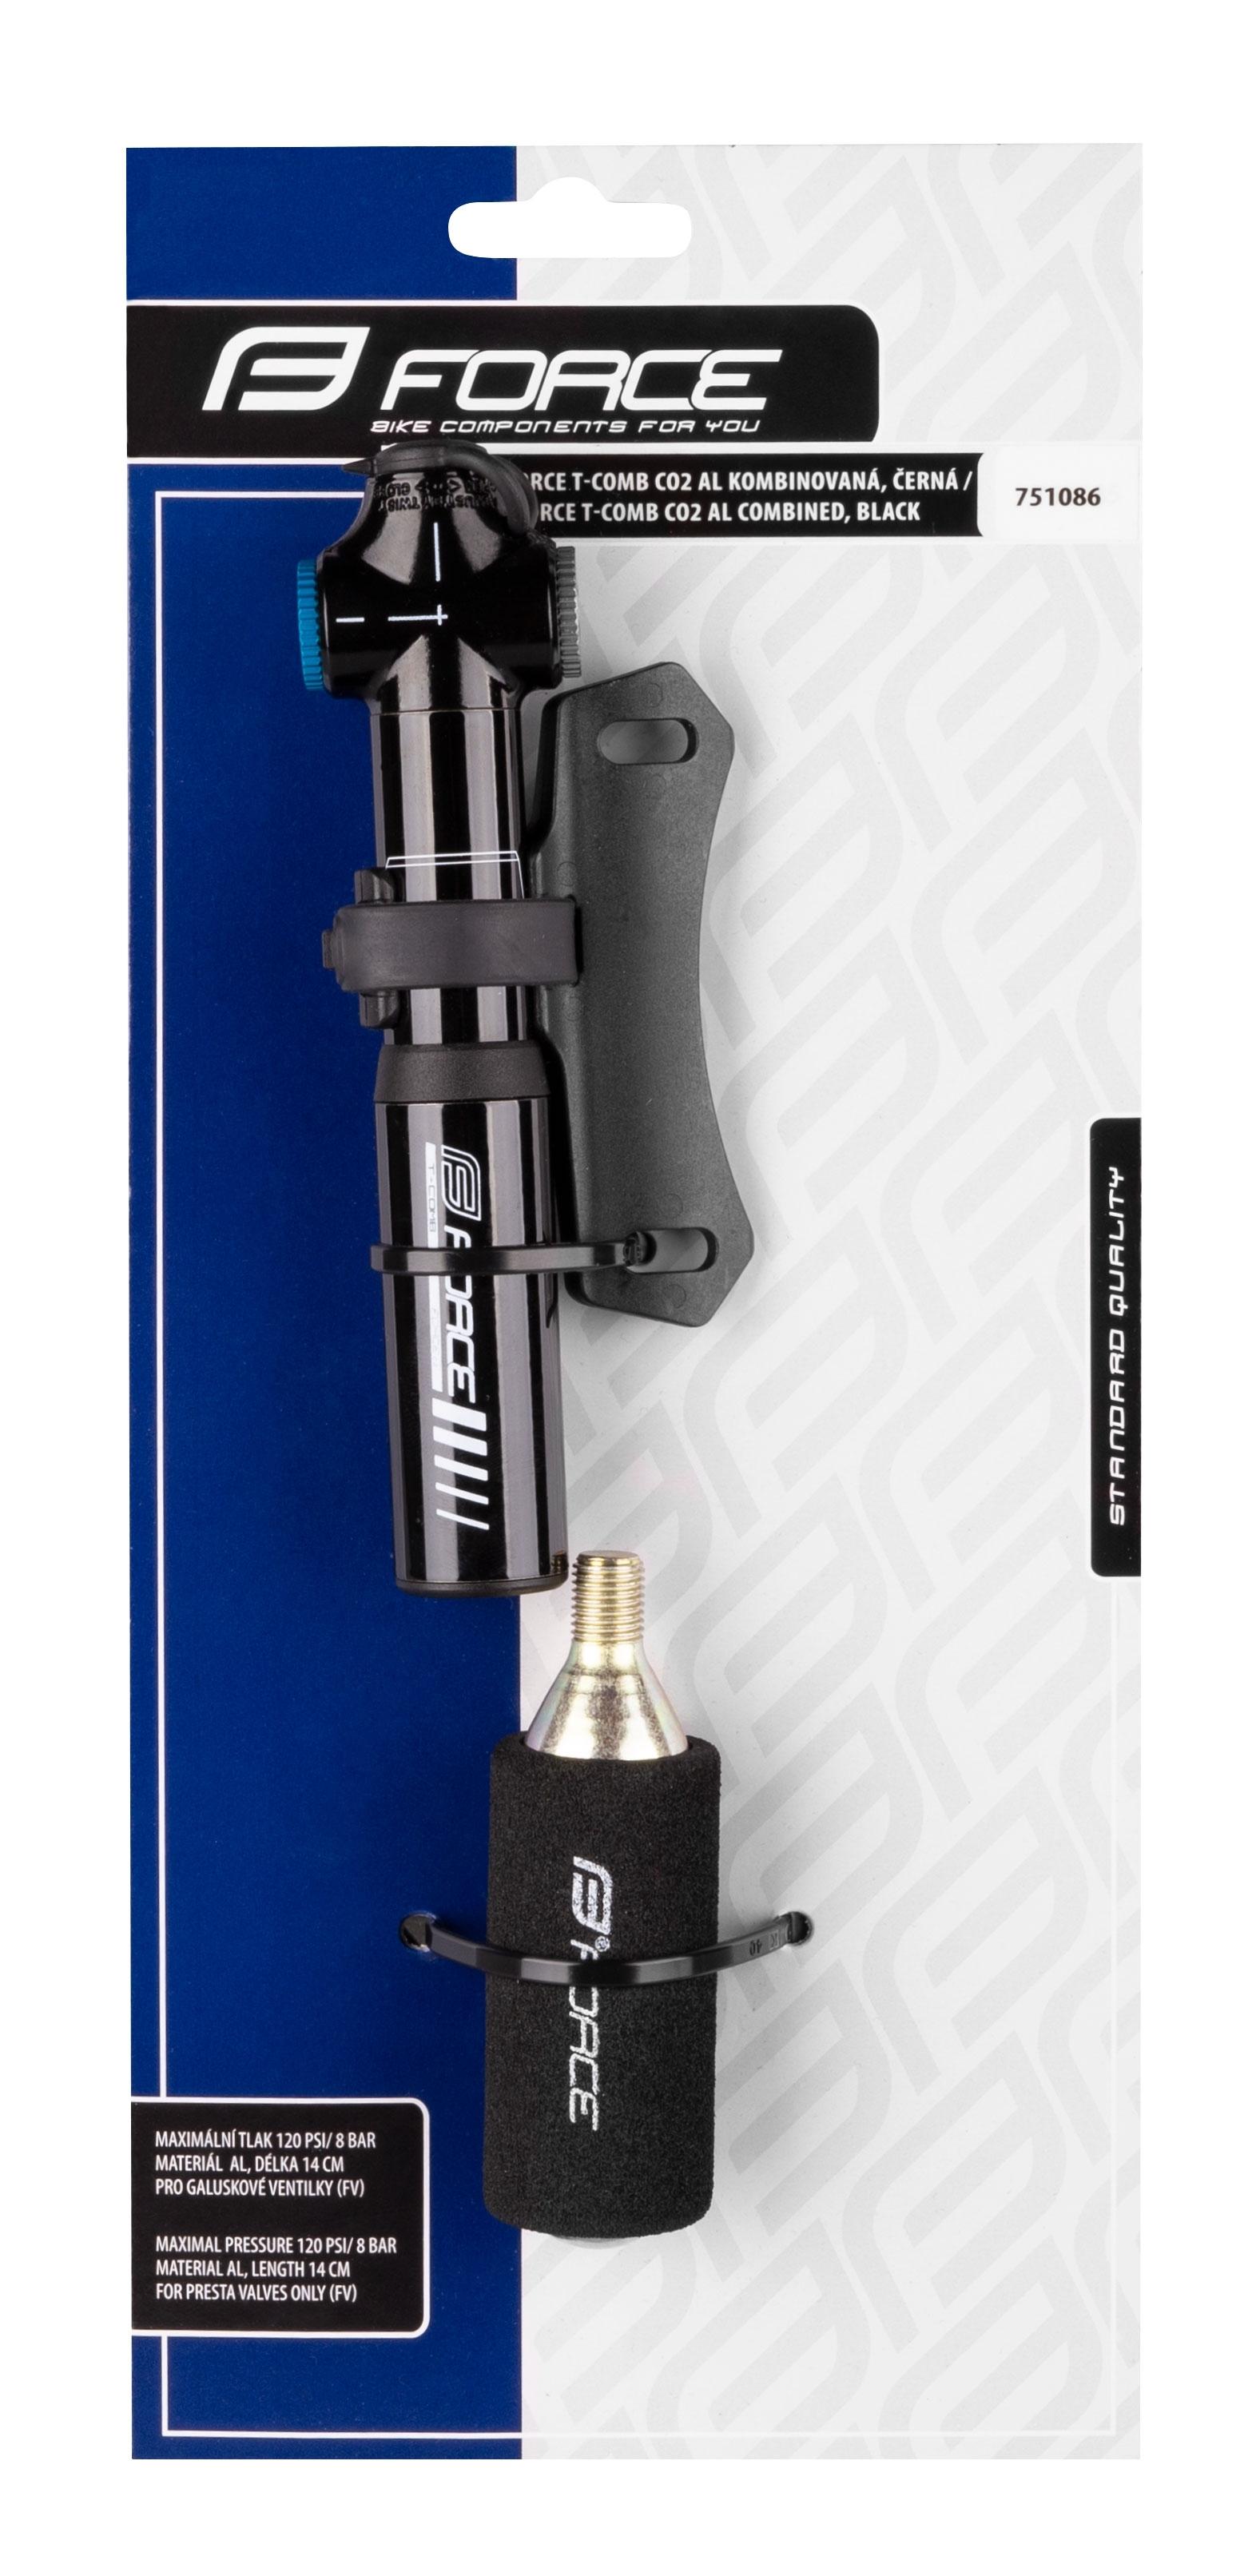 hustilka FORCE T-COMB CO2 Al kombinovaná, černá